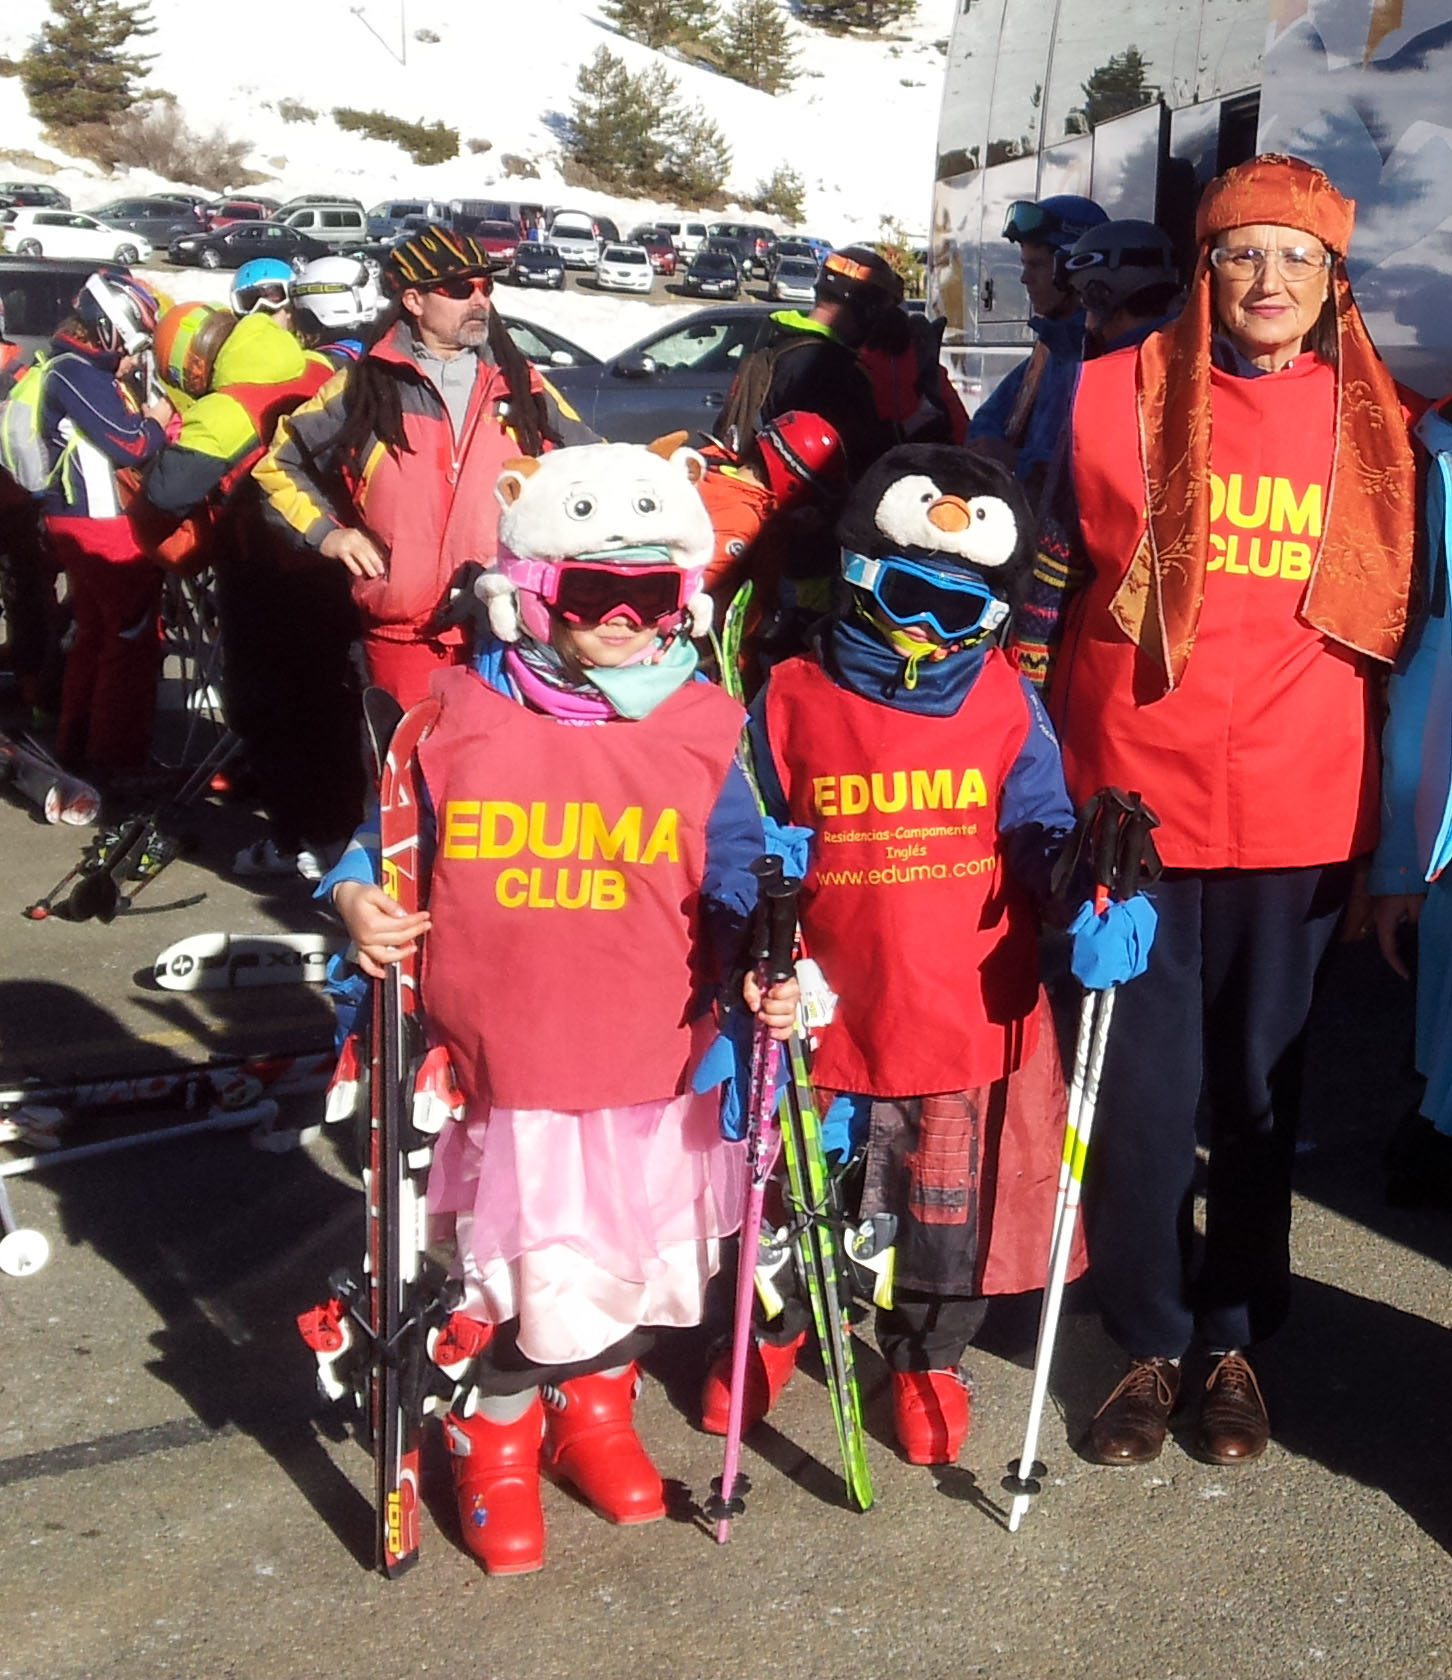 Carnavales en el curso de esqui fin semana Madrid Valdesqui